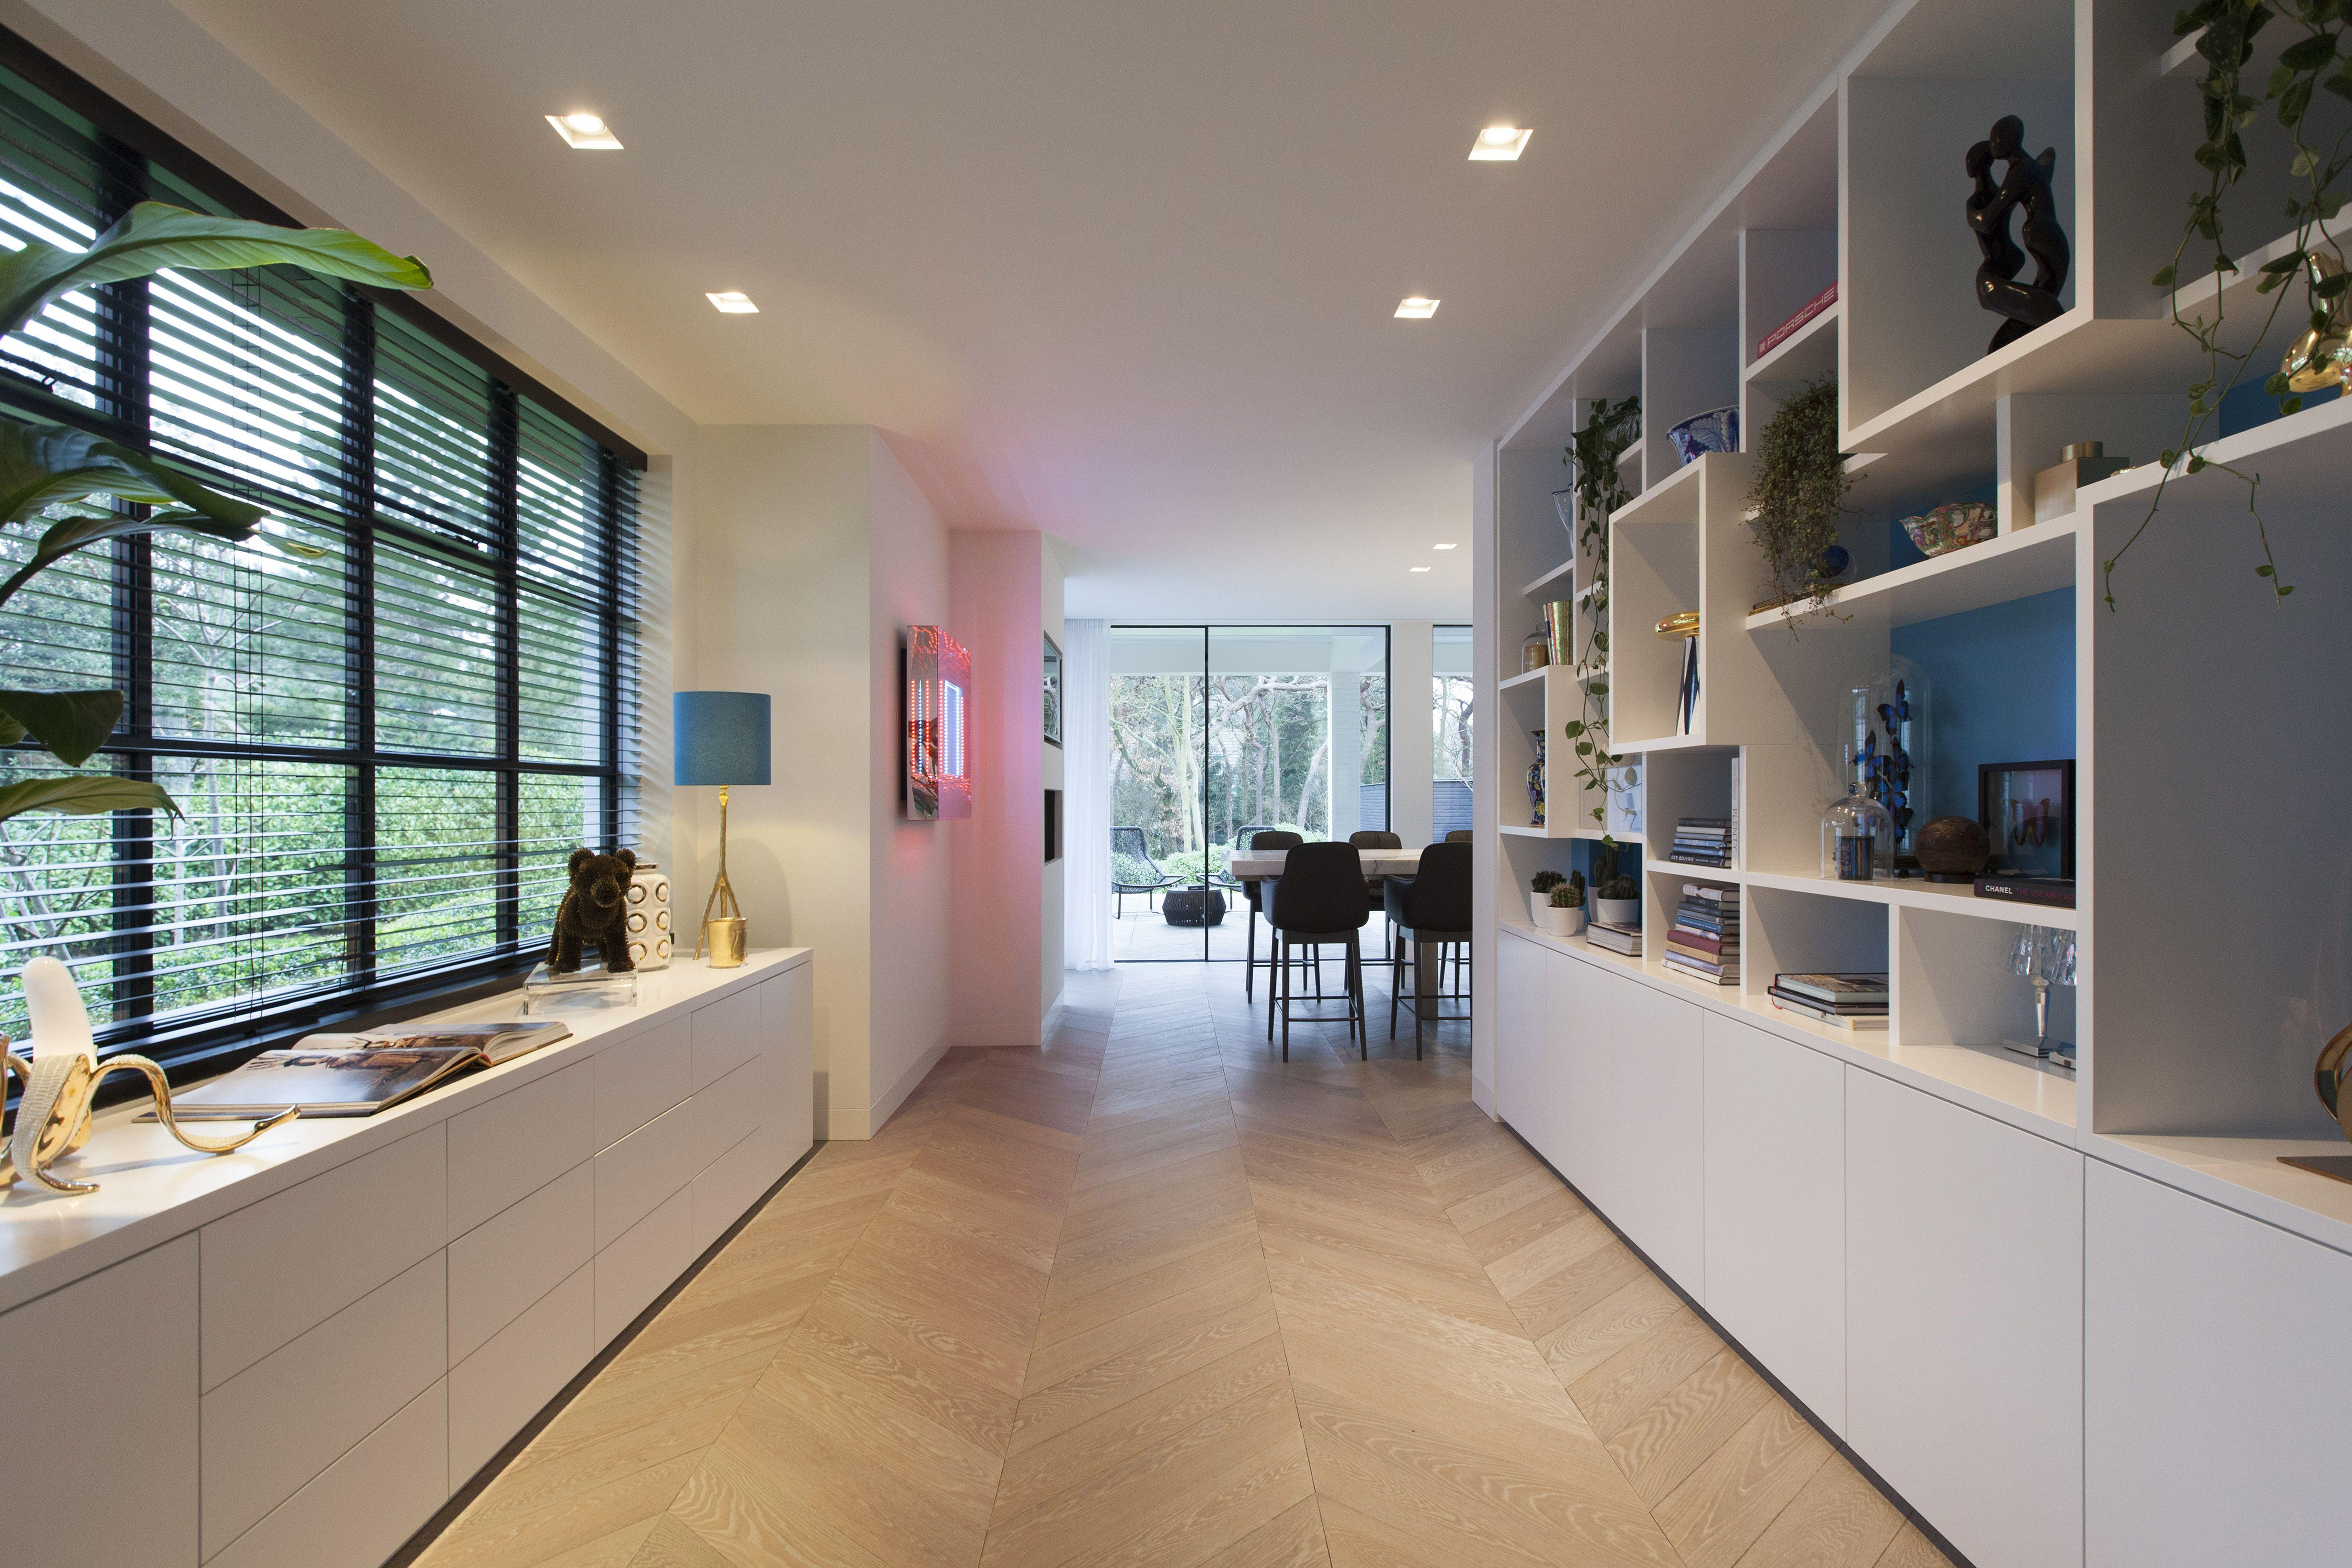 Interior villa wassenaar the netherlands. design by studio des